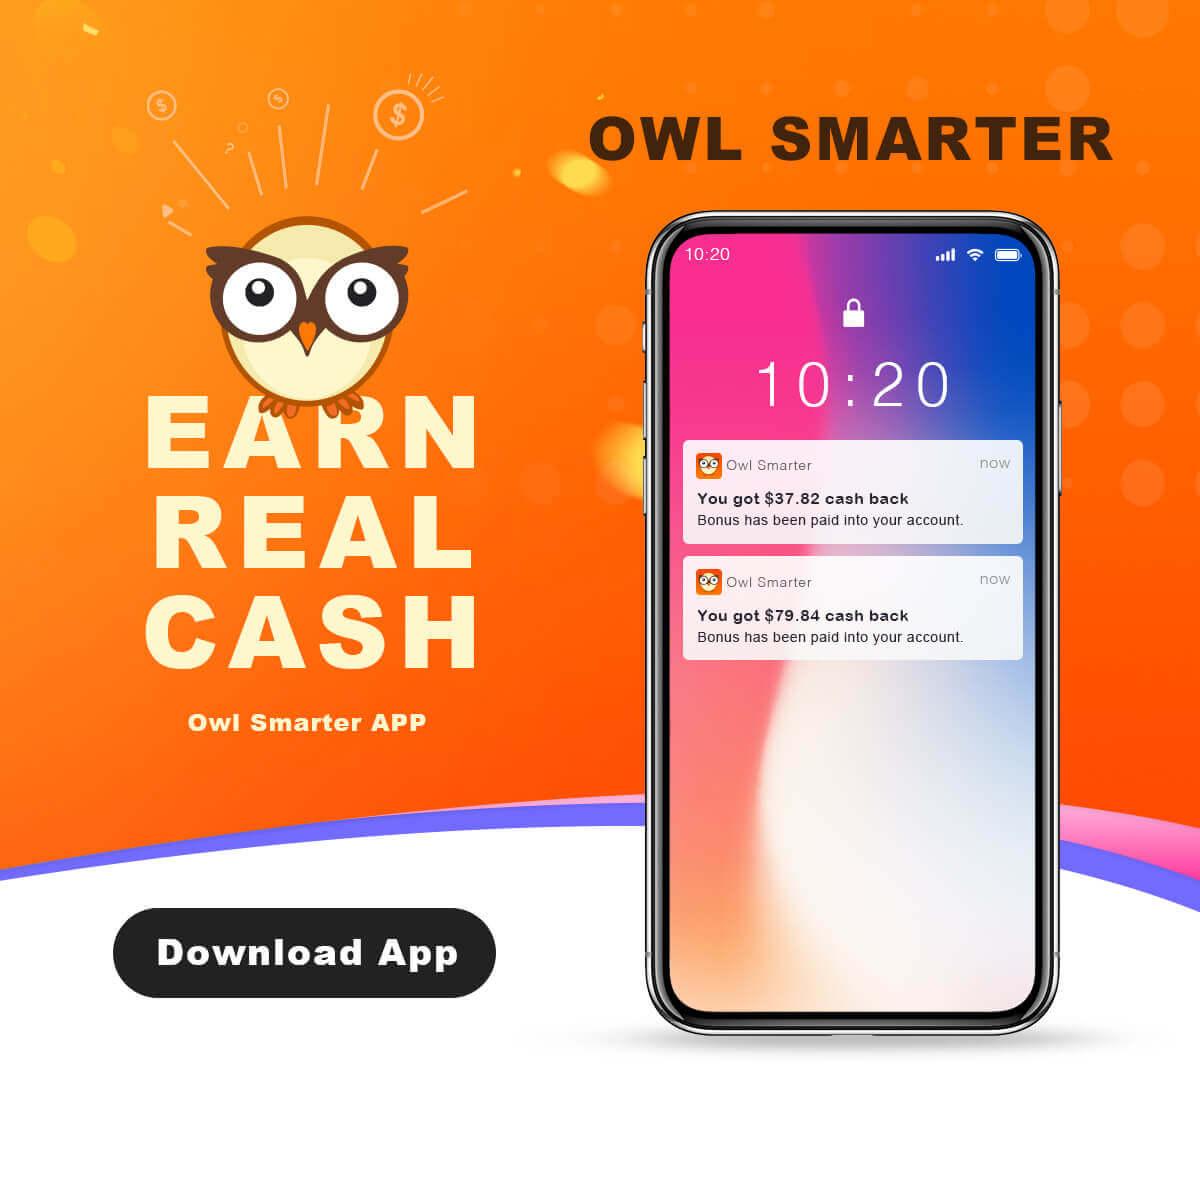 OwlSmarter